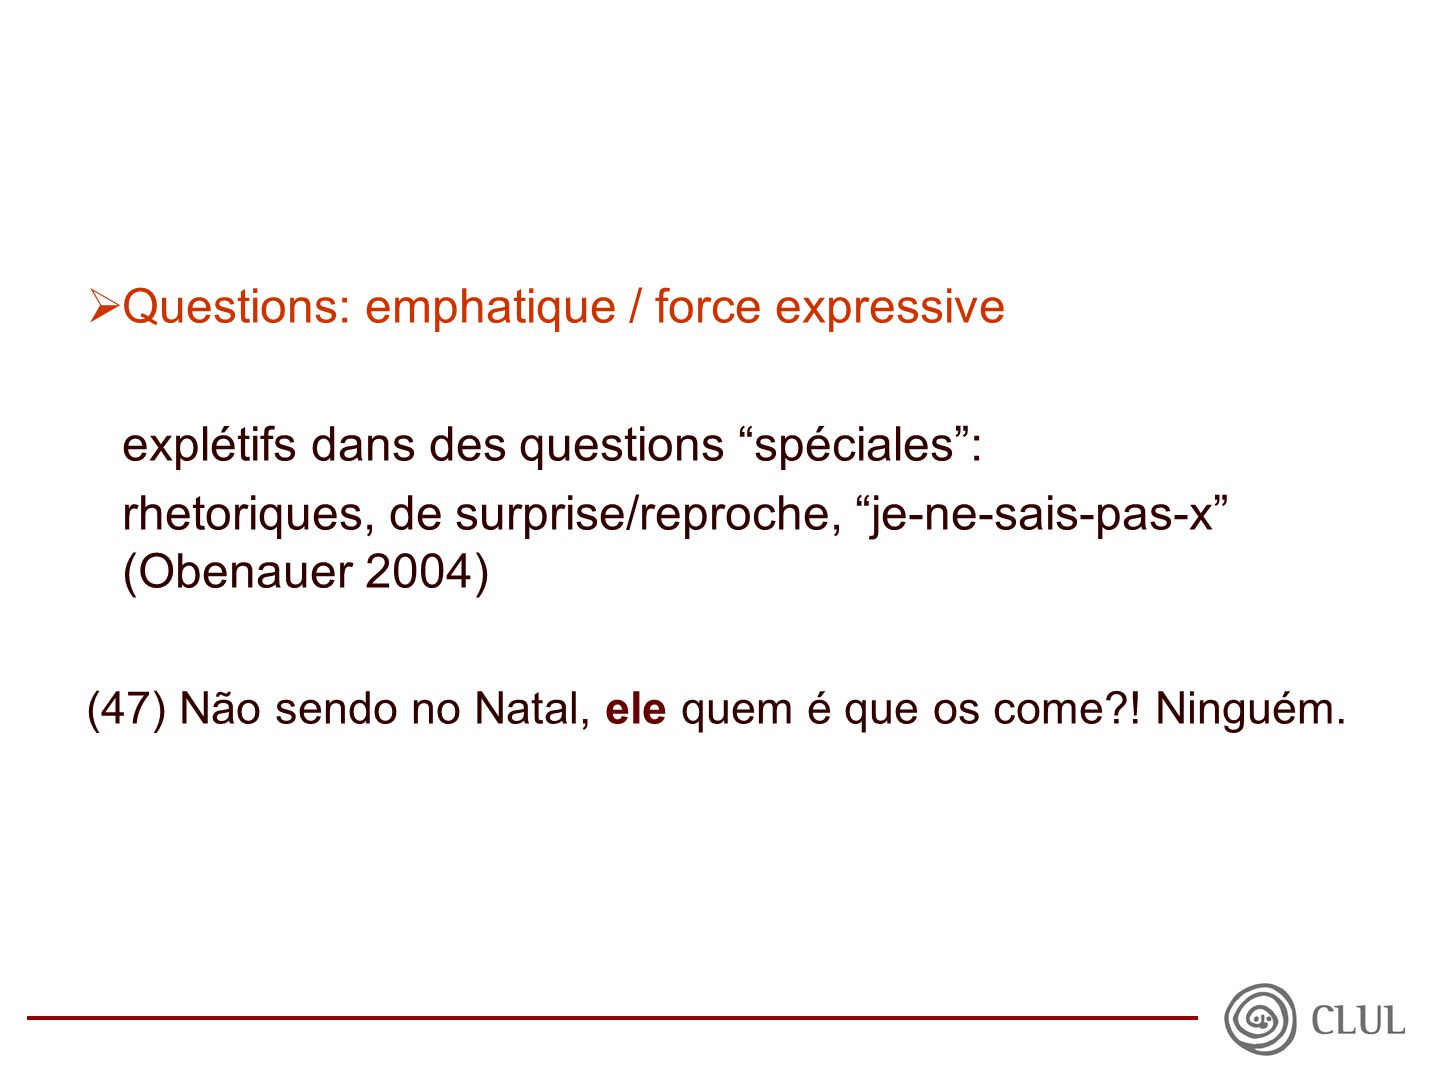  Questions: emphatique / force expressive explétifs dans des questions spéciales : rhetoriques, de surprise/reproche, je-ne-sais-pas-x (Obenauer 2004) (47) Não sendo no Natal, ele quem é que os come?.